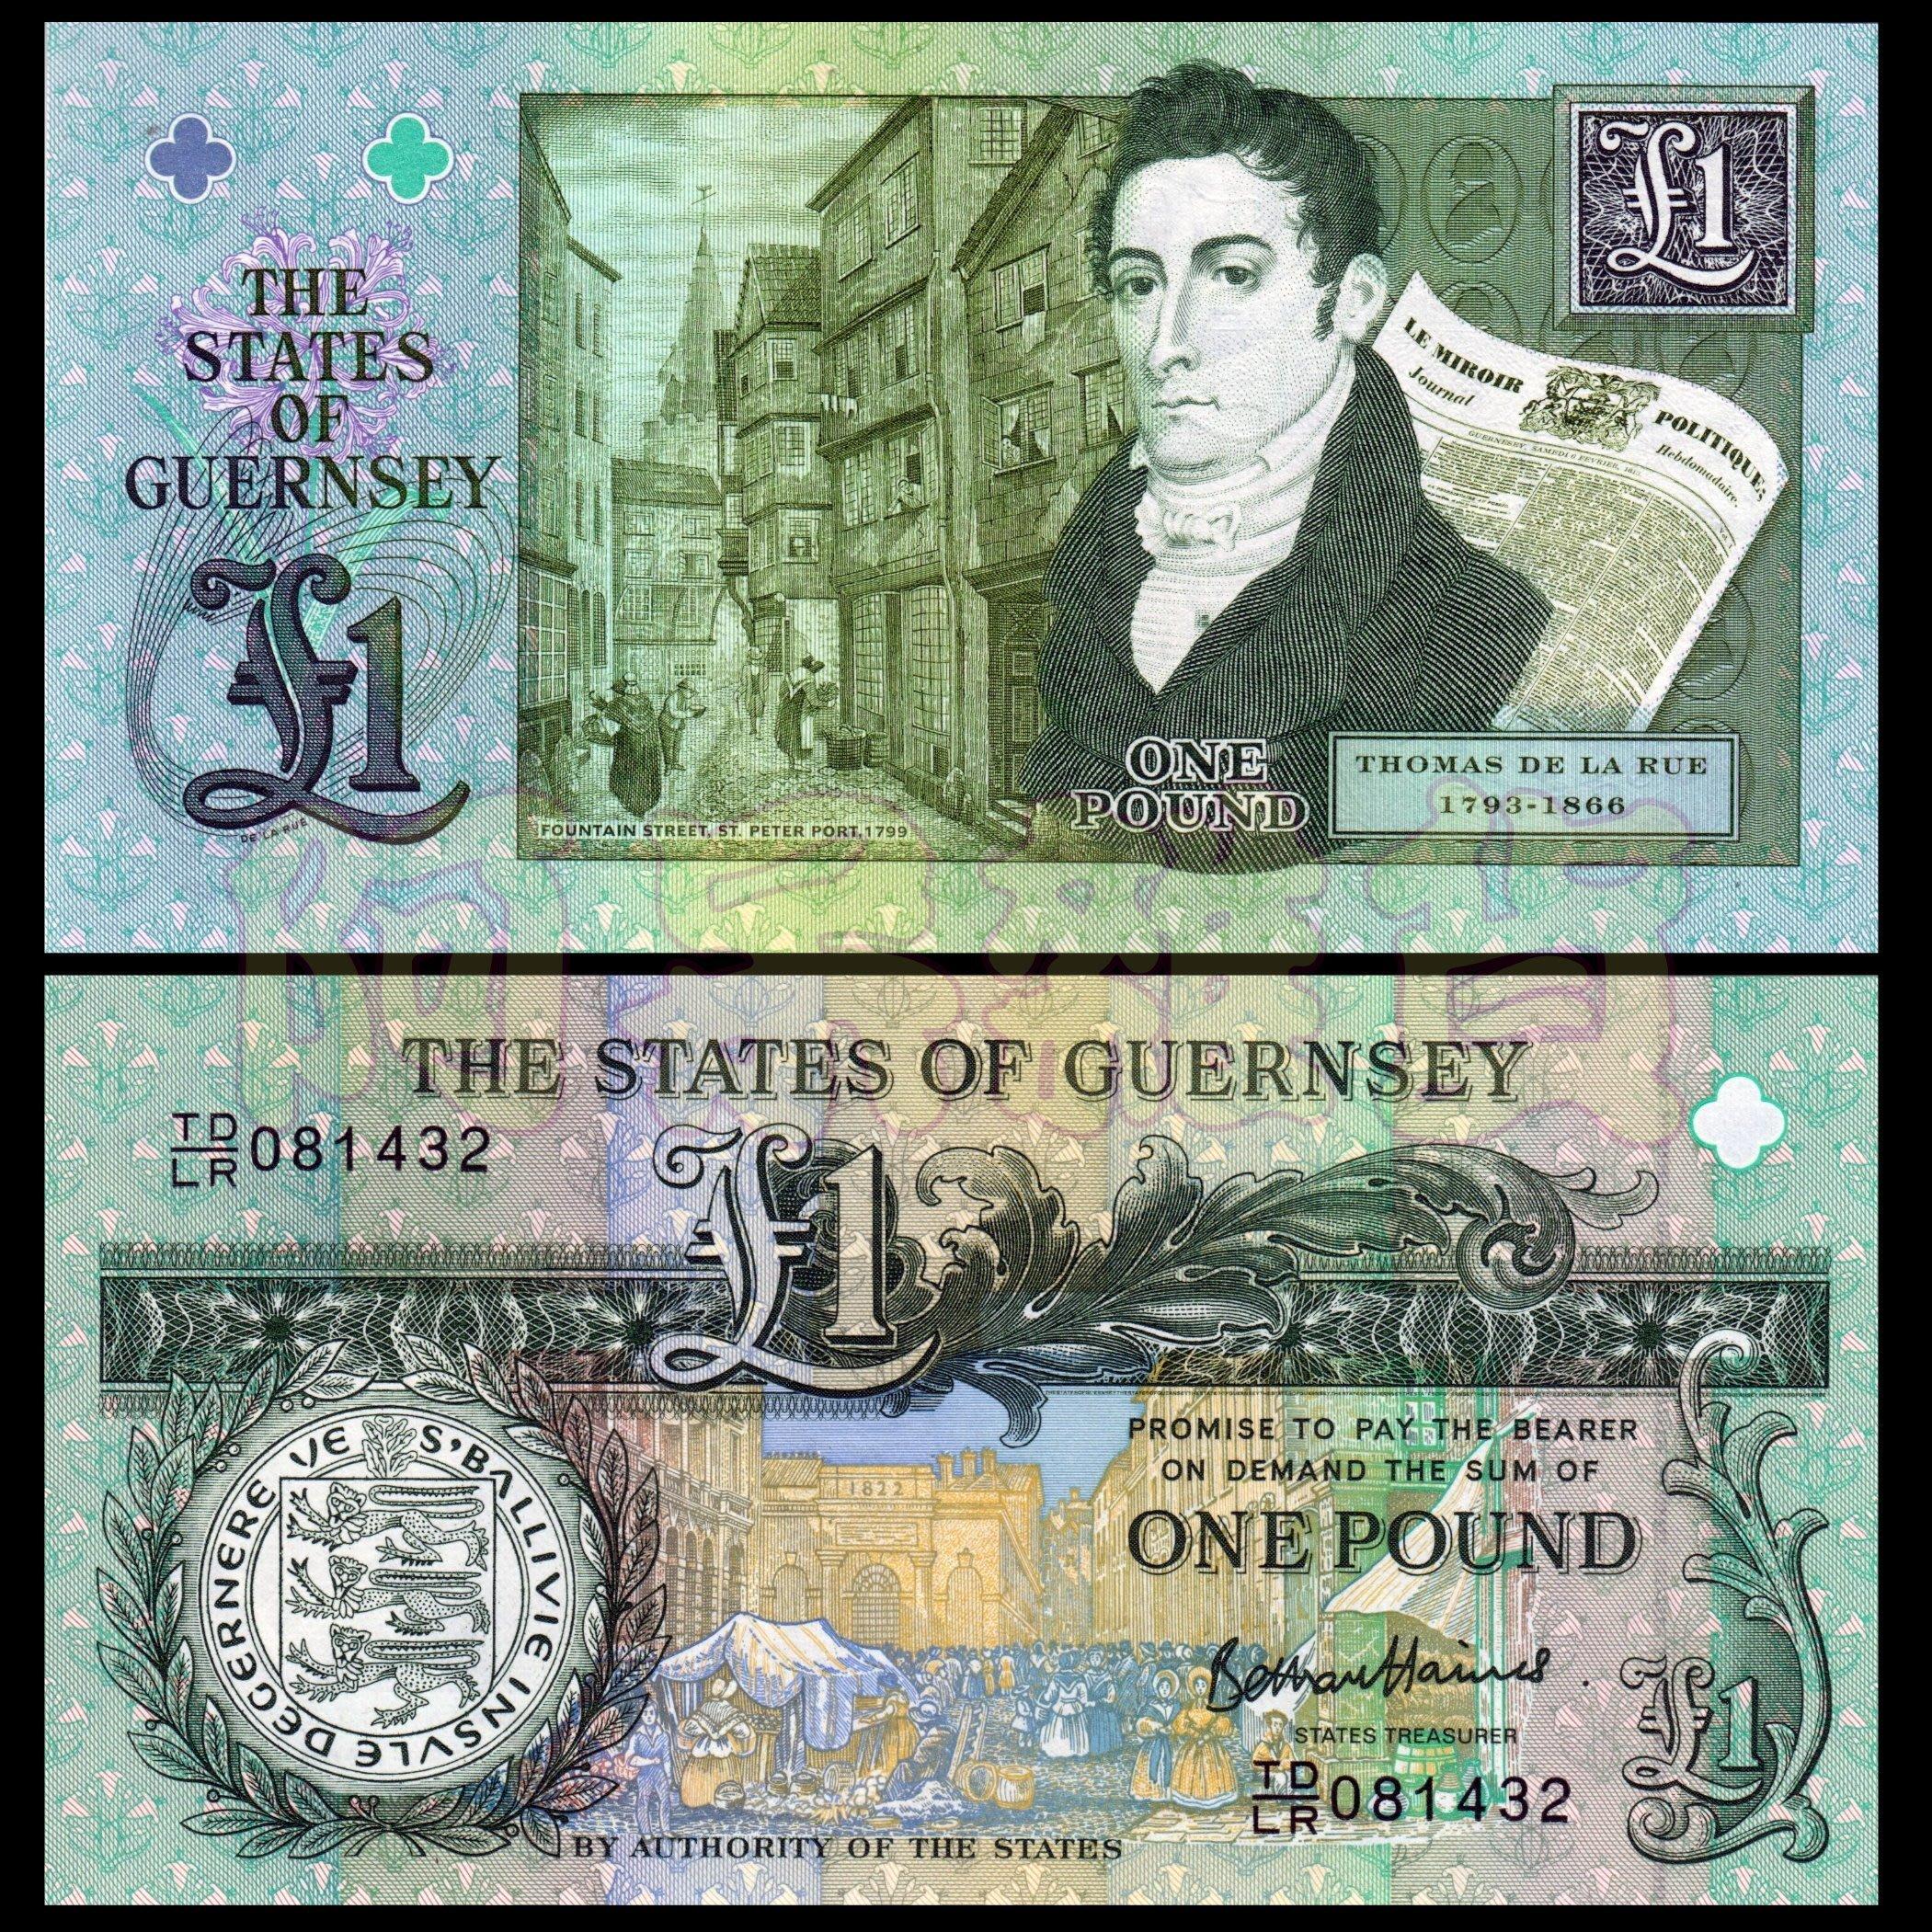 森羅本舖 現貨實拍 真鈔 根西 200周年 1鎊 2013年 動物 英國 英國女王 海島 海峽 綠色 五色錢 格恩西